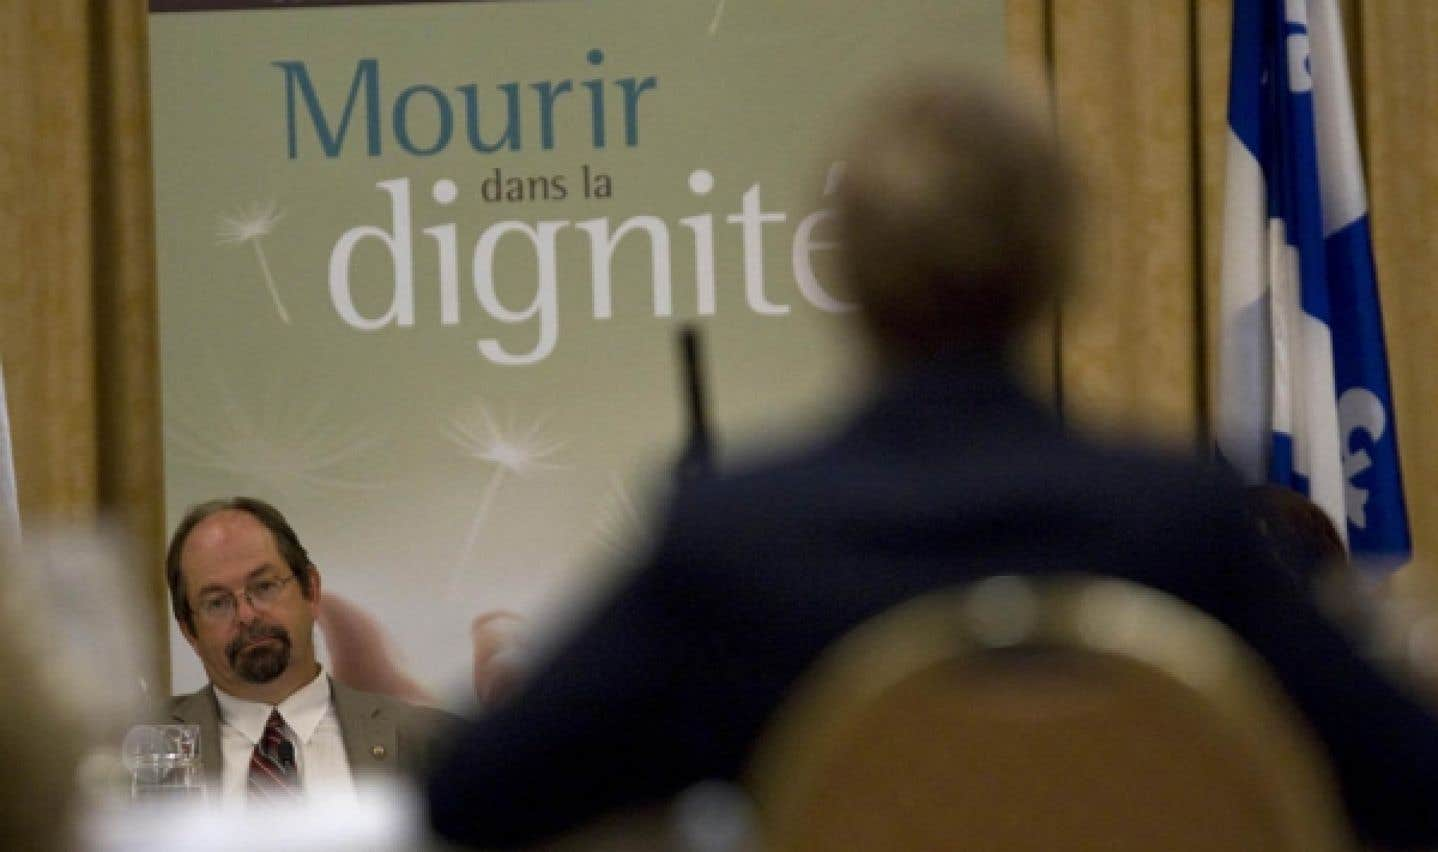 La commission de l'Assemblée nationale délibère - Le Barreau du Québec recommande que le droit de mourir dans la dignité soit reconnu